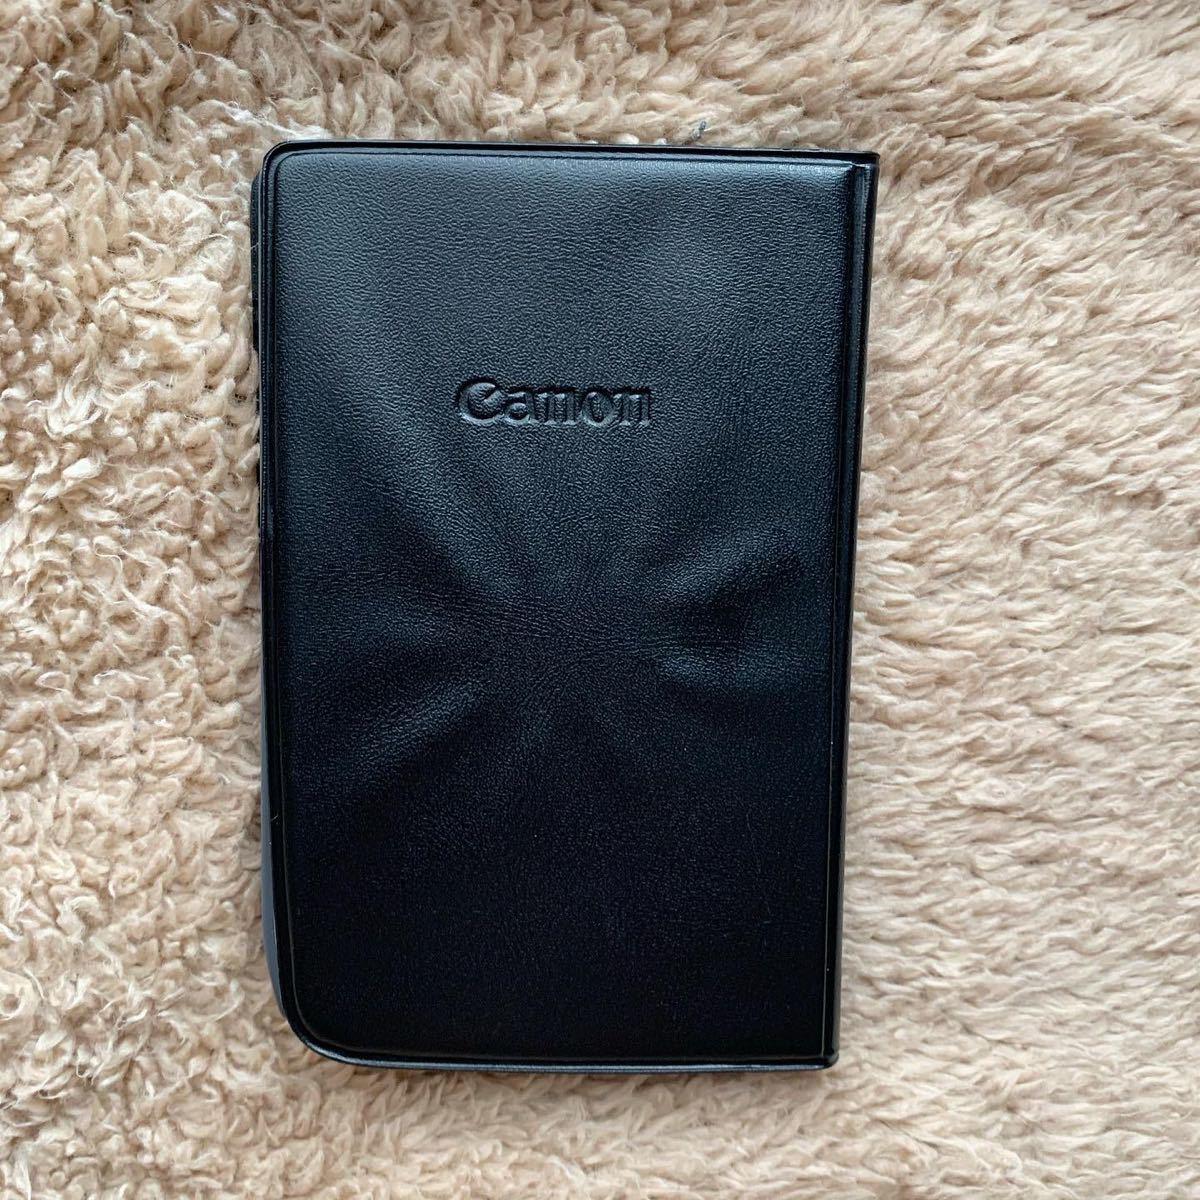 CASIO 電卓 Canon 12桁